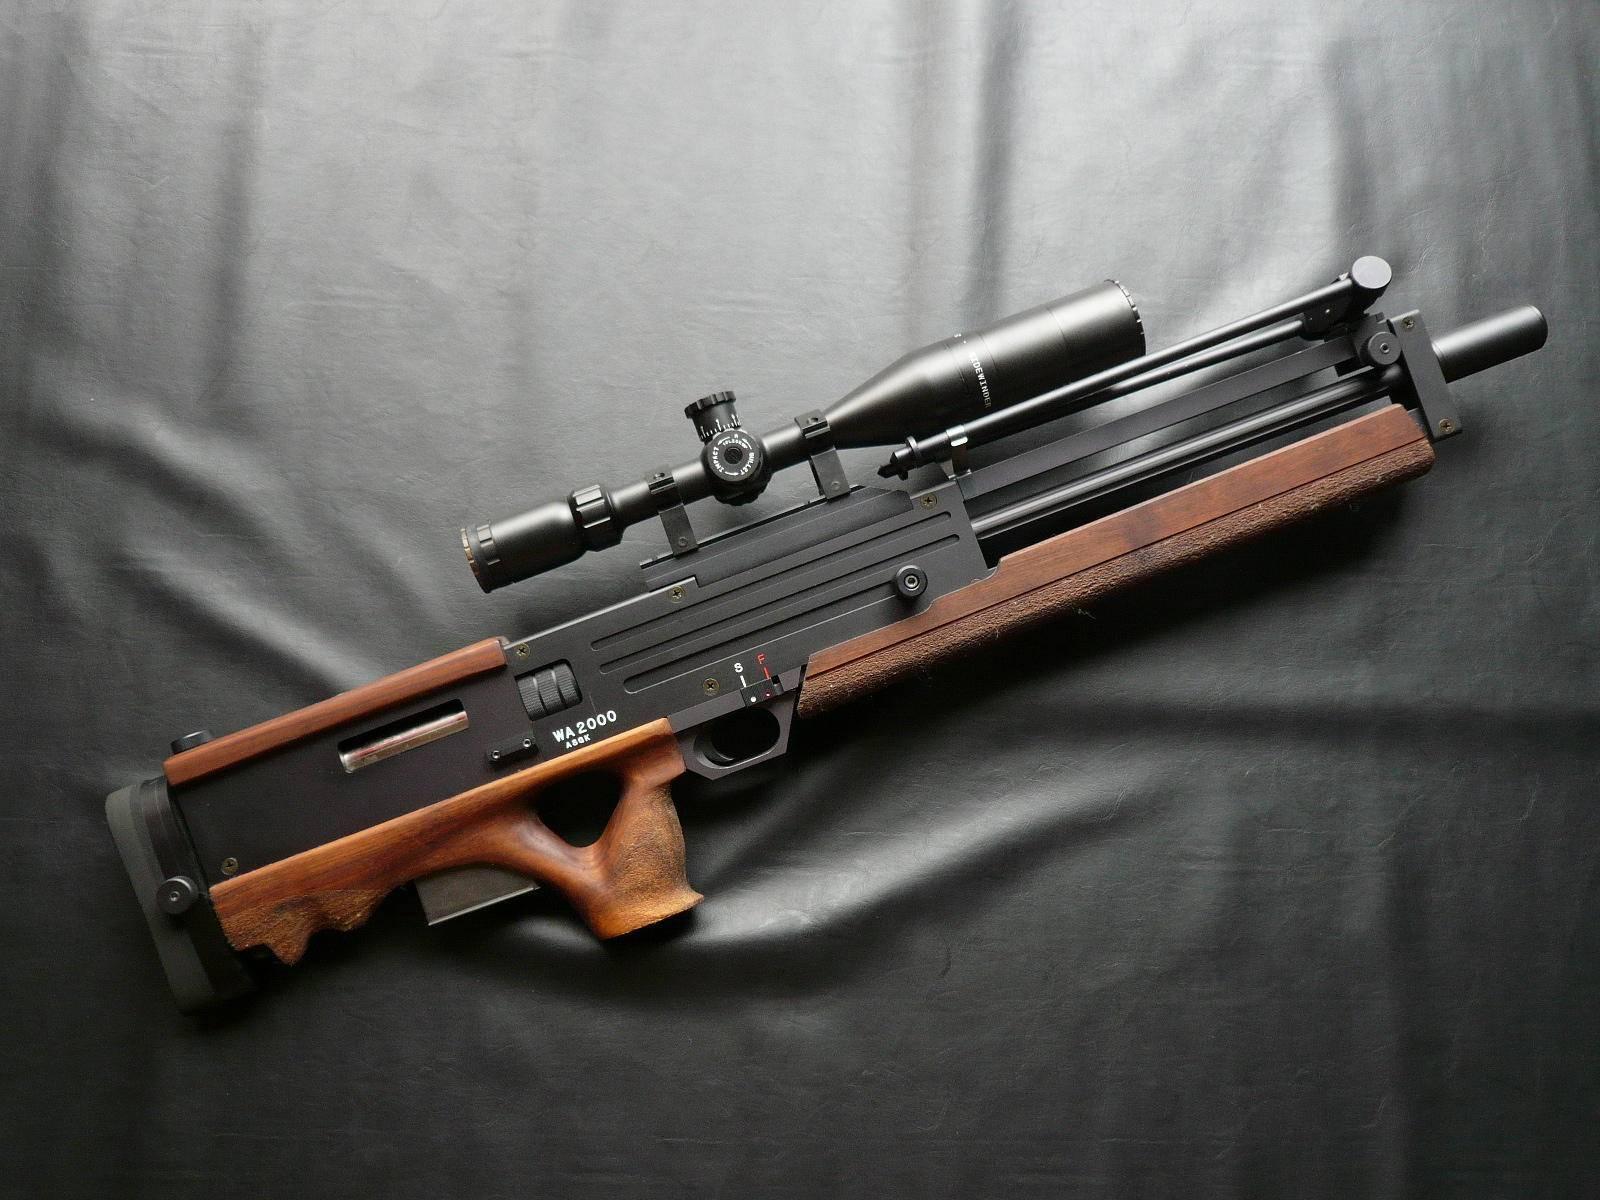 Пневматическая винтовка walther 1250 dominator 28 дж, 4,5мм. обзор пневматической винтовки вальтер 1250 доминатор